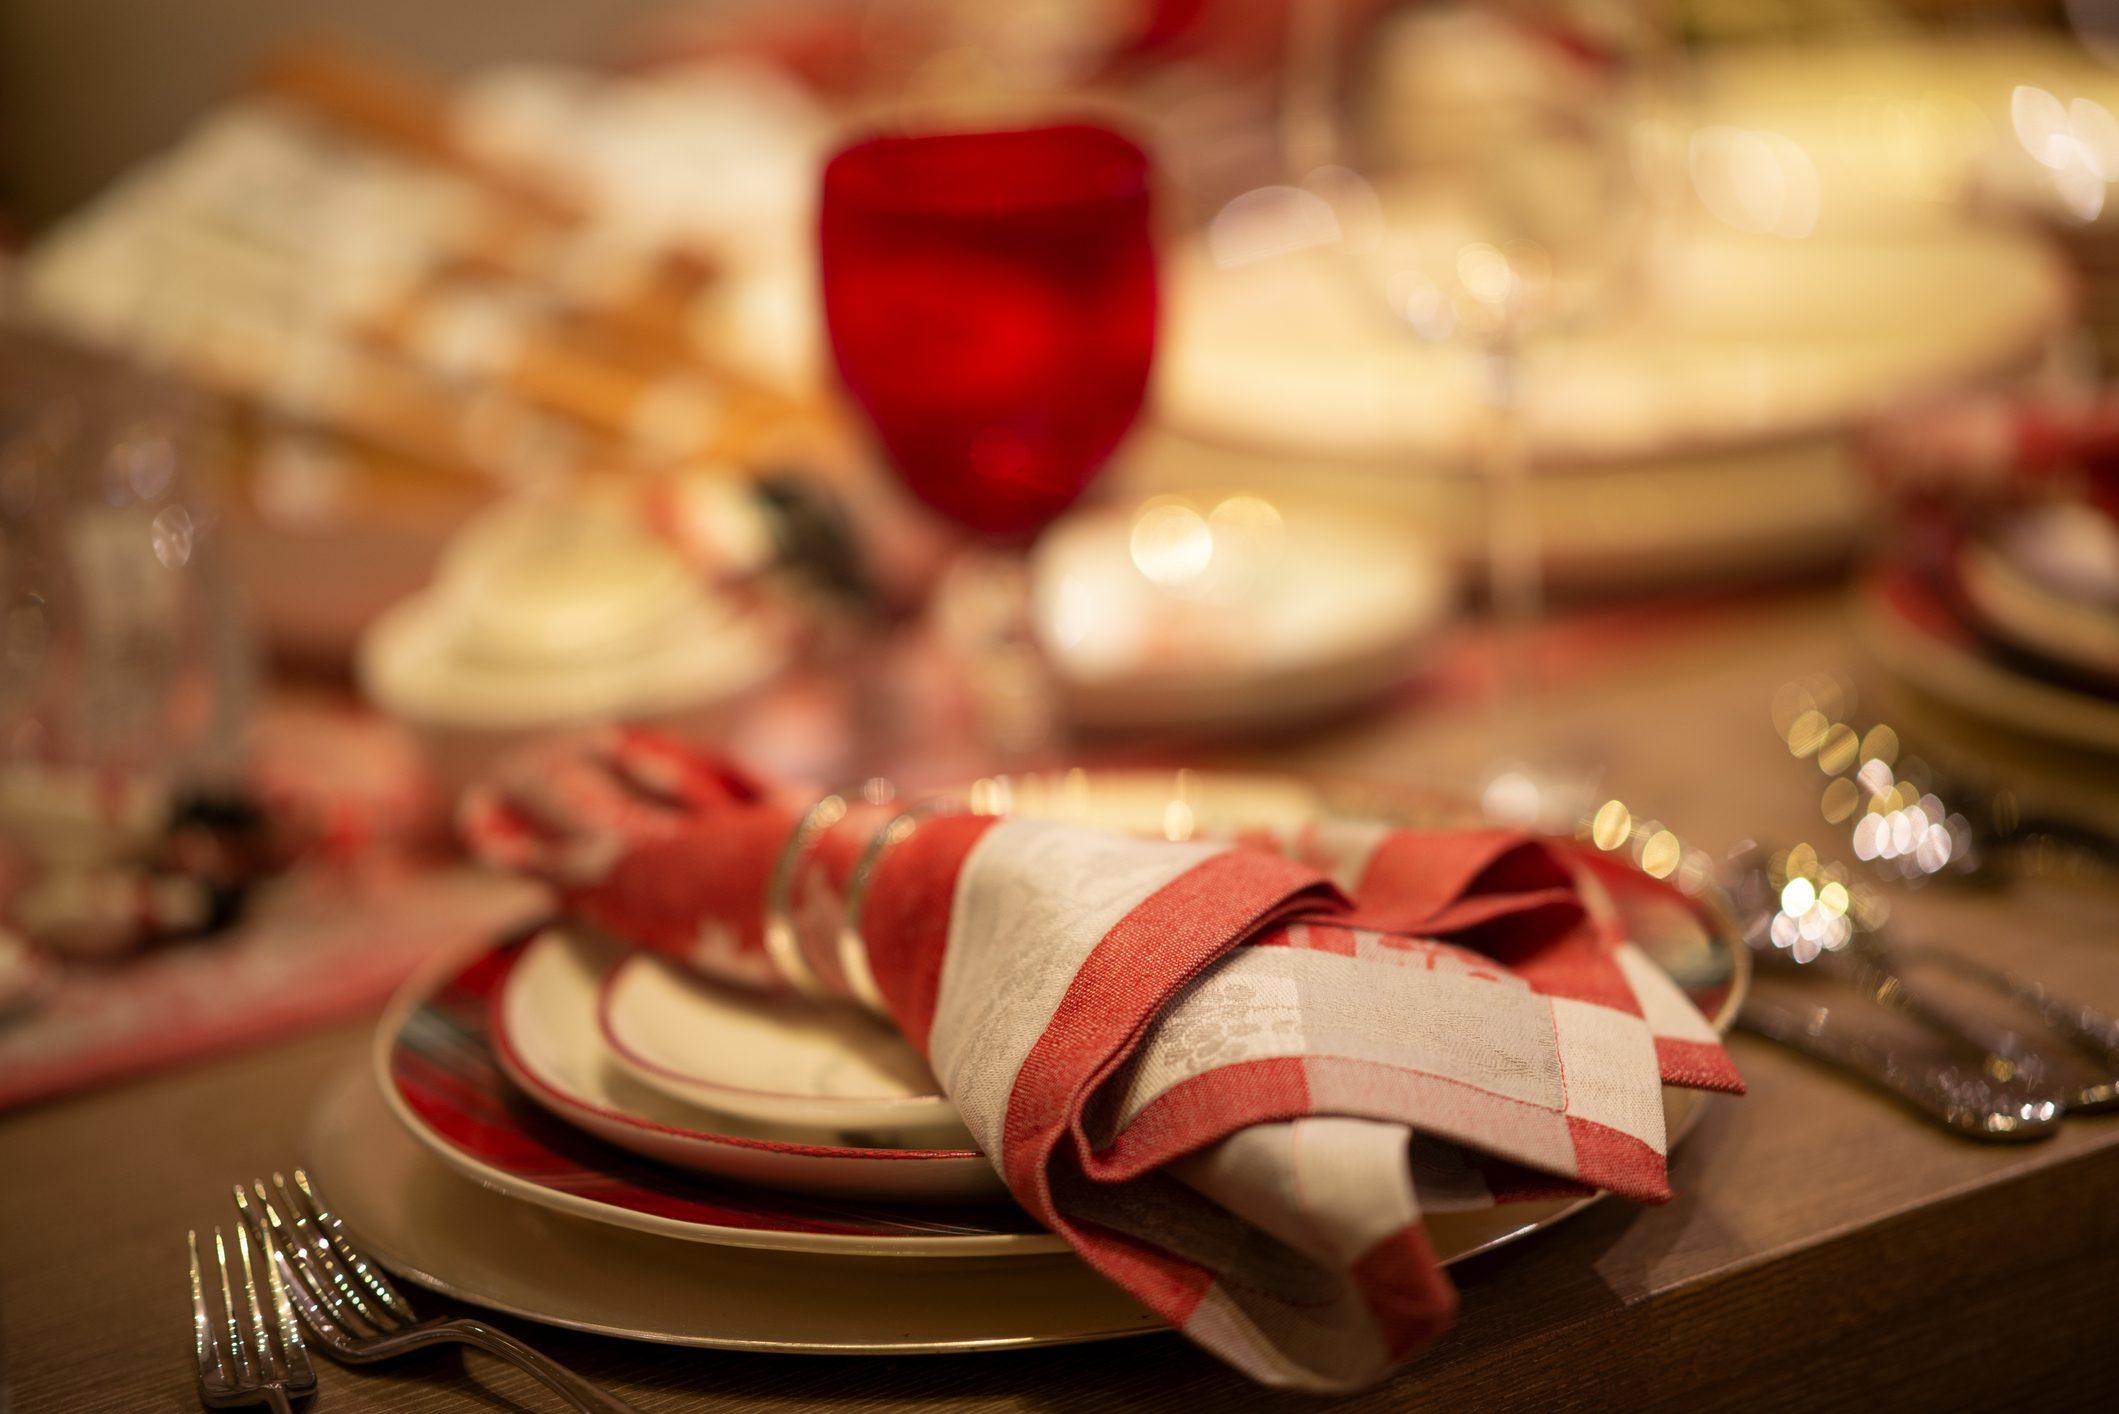 Nuovo Dpcm: pranzo a casa o nei ristoranti? Ecco cosa si può fare a Natale e Capodanno